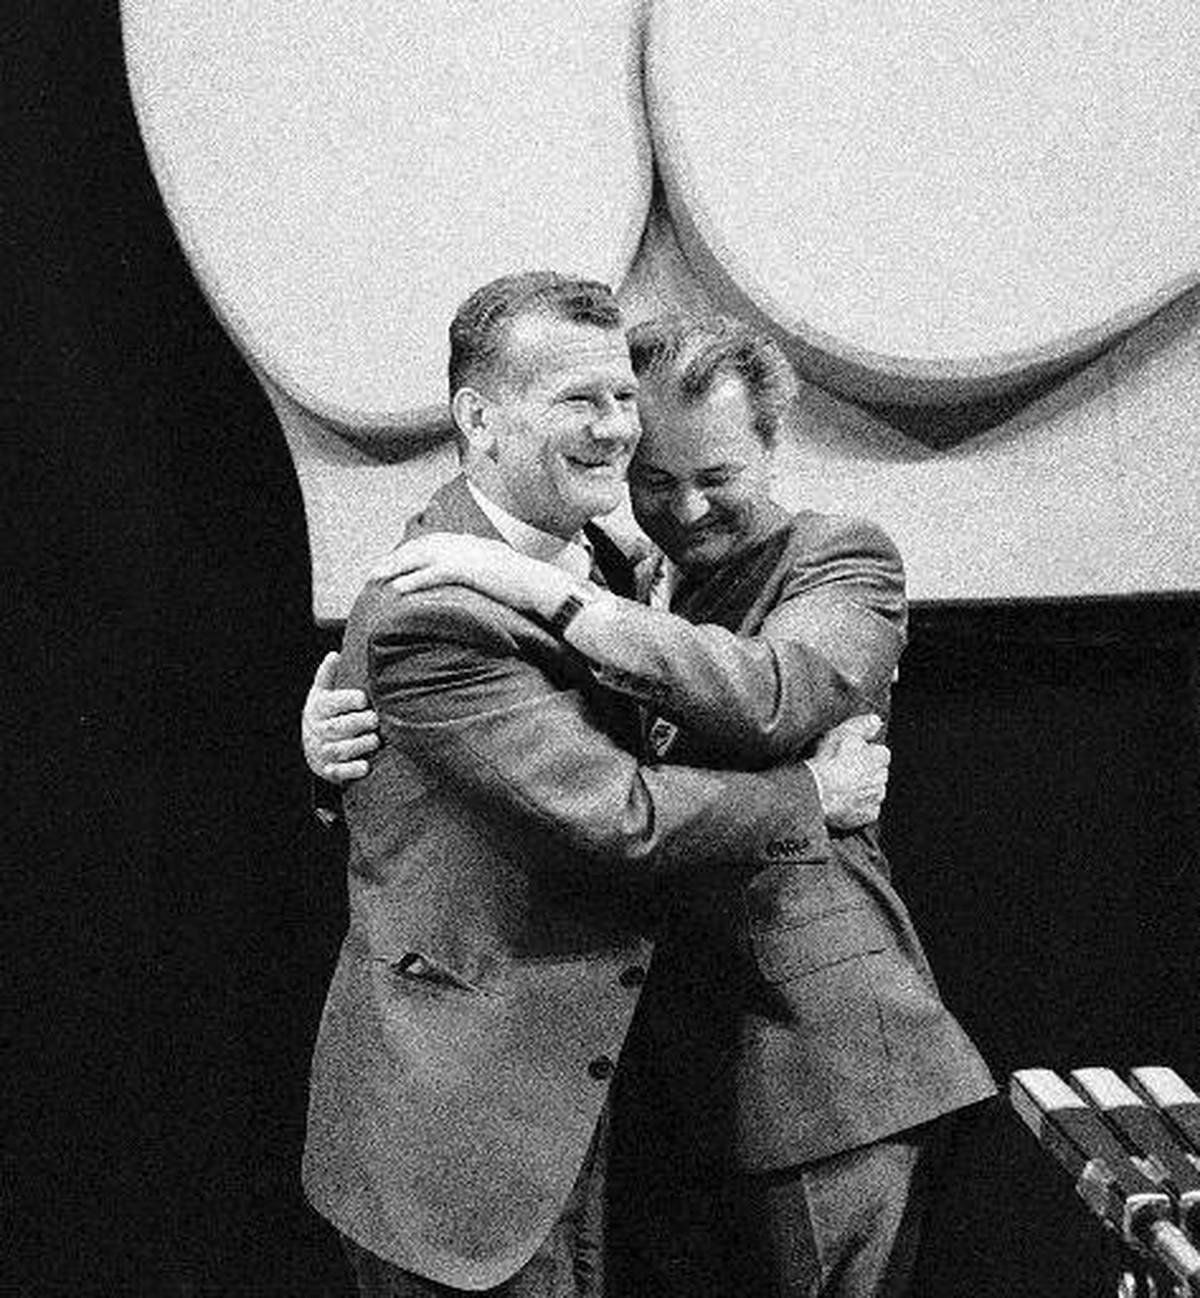 """""""DUGO SI MI GLEDAO U LEĐA, A JA SAM TI I NOŽ DAO"""" Šta je Stambolić napisao u pismu Miloševiću tokom martovskih demonstracija 1991."""